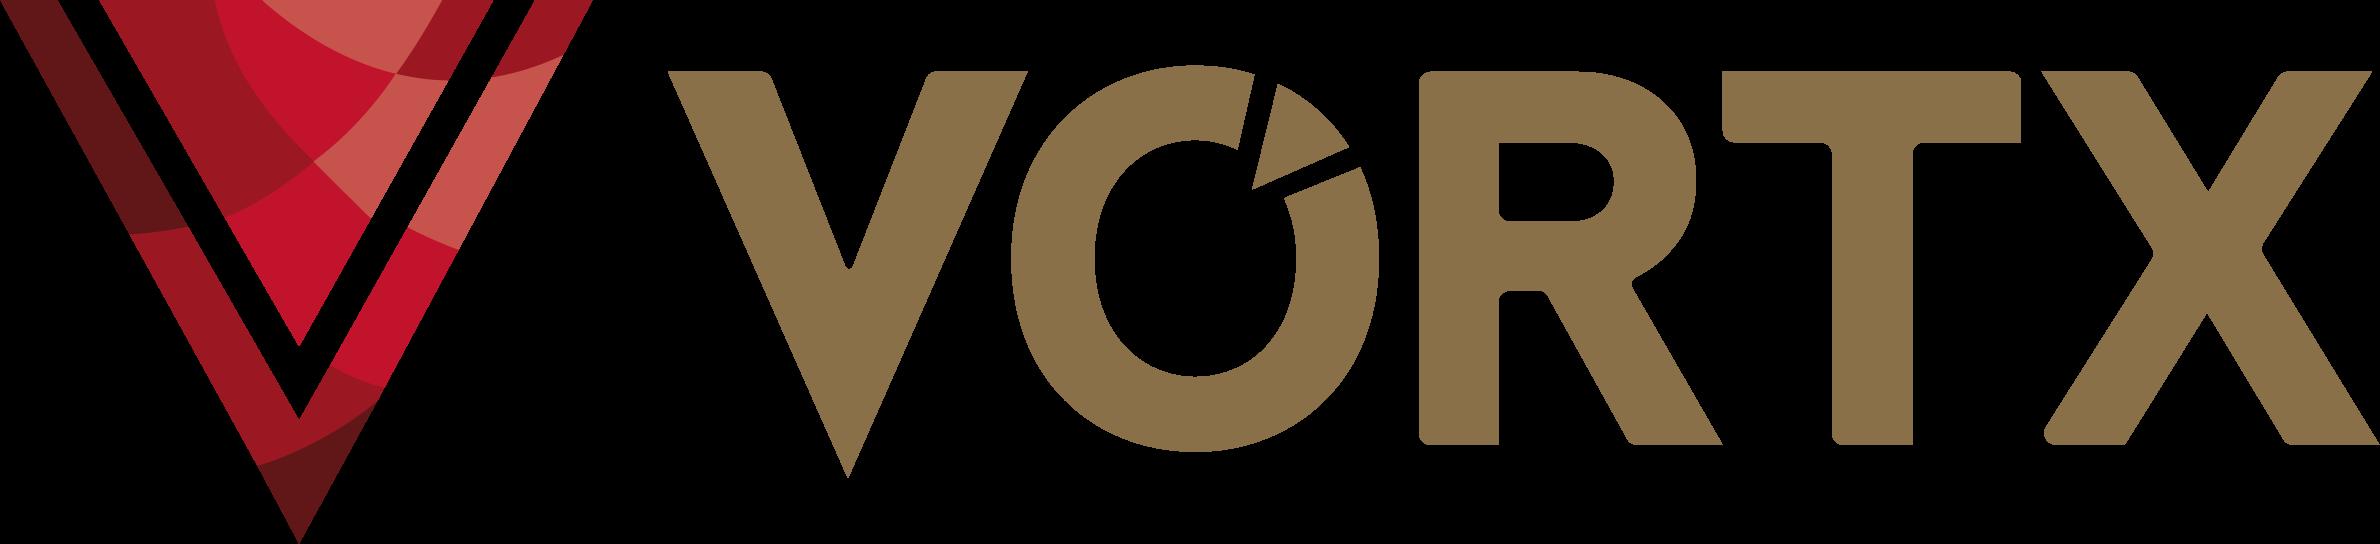 Logo Vórtx